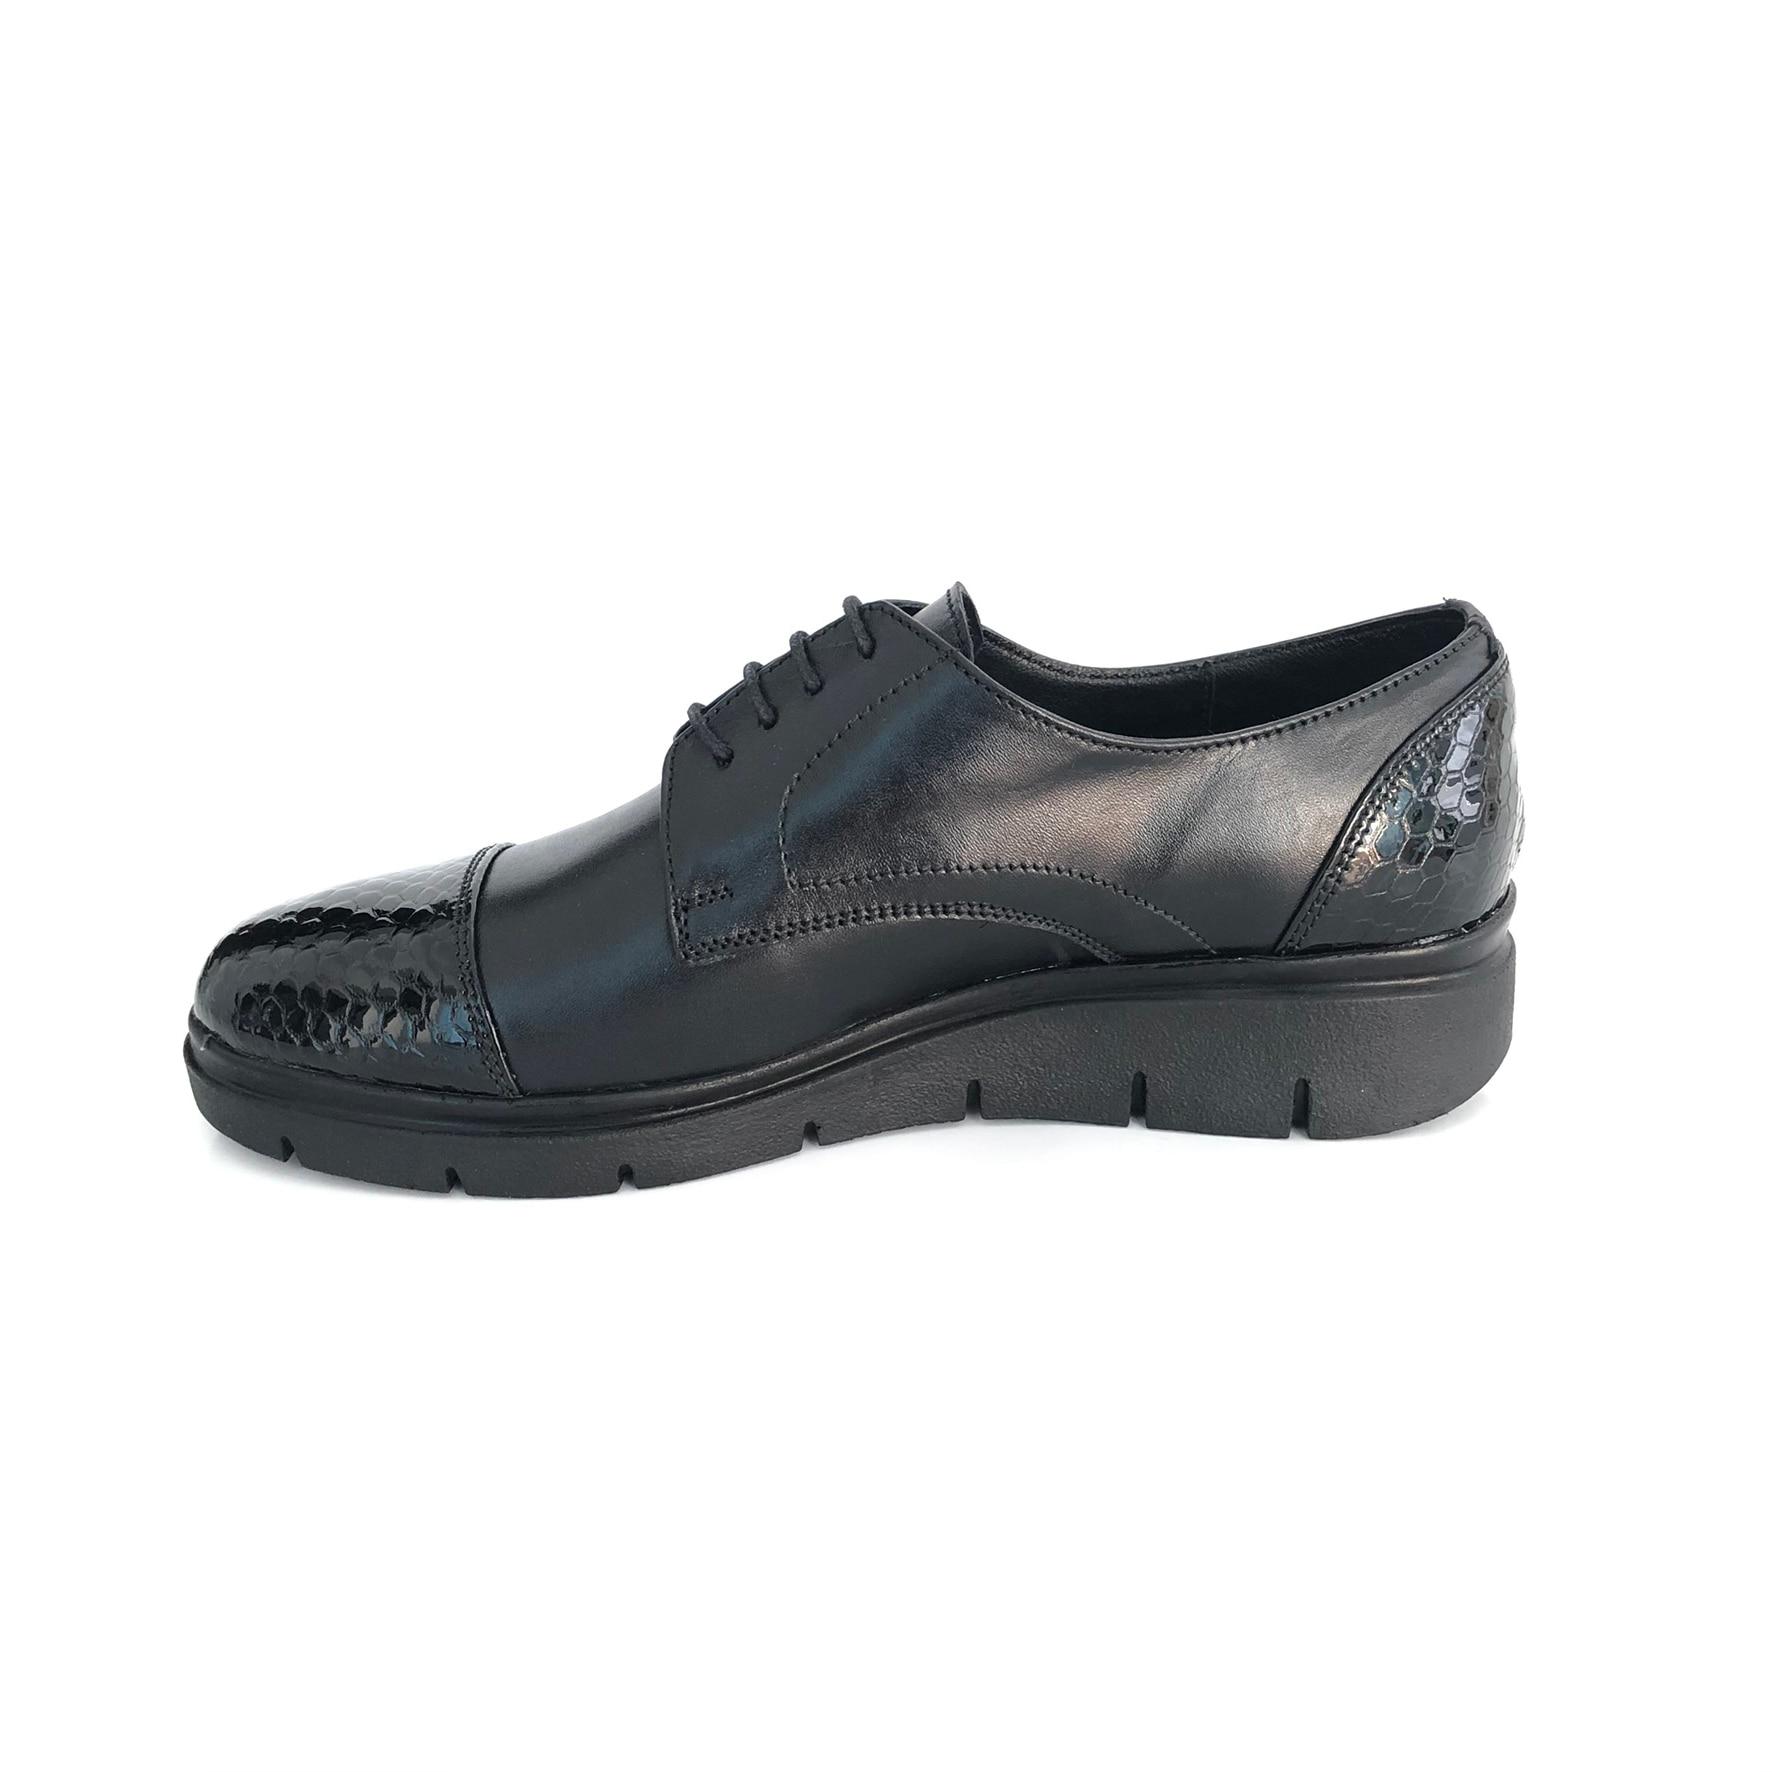 reducere cea mai mică pret ieftin design atemporal Pantofi Dama Sport cu Siret din Piele Naturala cu Talpa Ortopedica - eMAG.ro